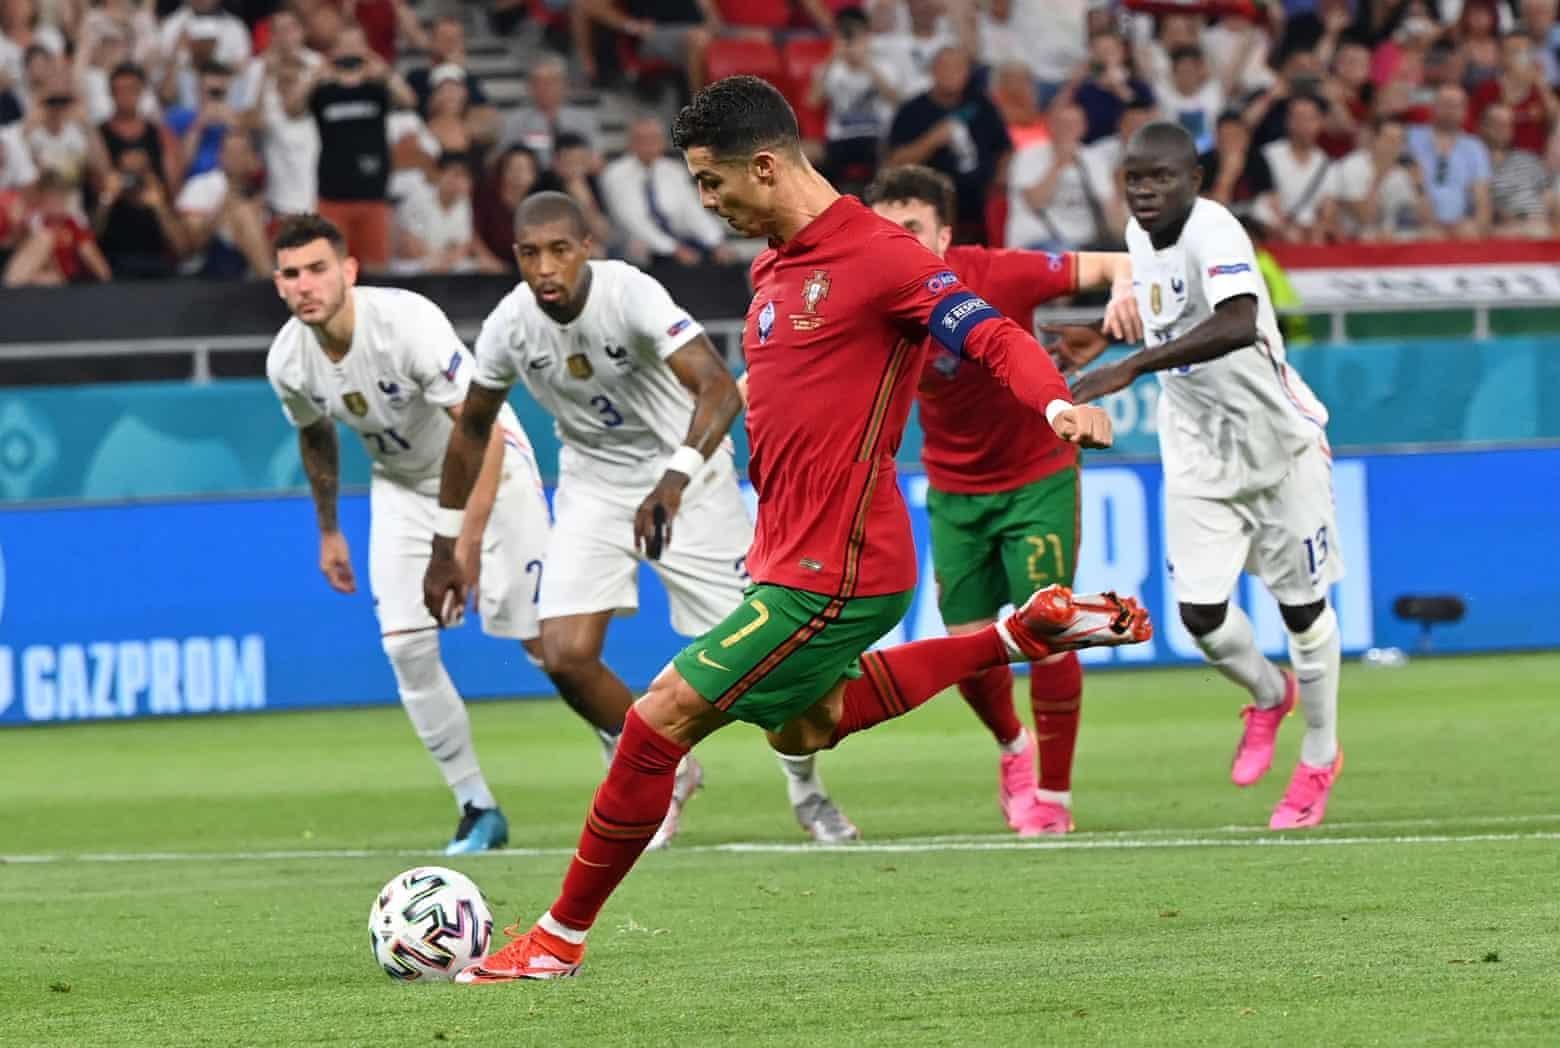 Hai bàn từ phạt đền trước Pháp giúp Ronaldo vươn lên độc chiếm ngôi đầu cuộc đua ghi bàn tại Euro 2021 với năm bàn. Ảnh: AP